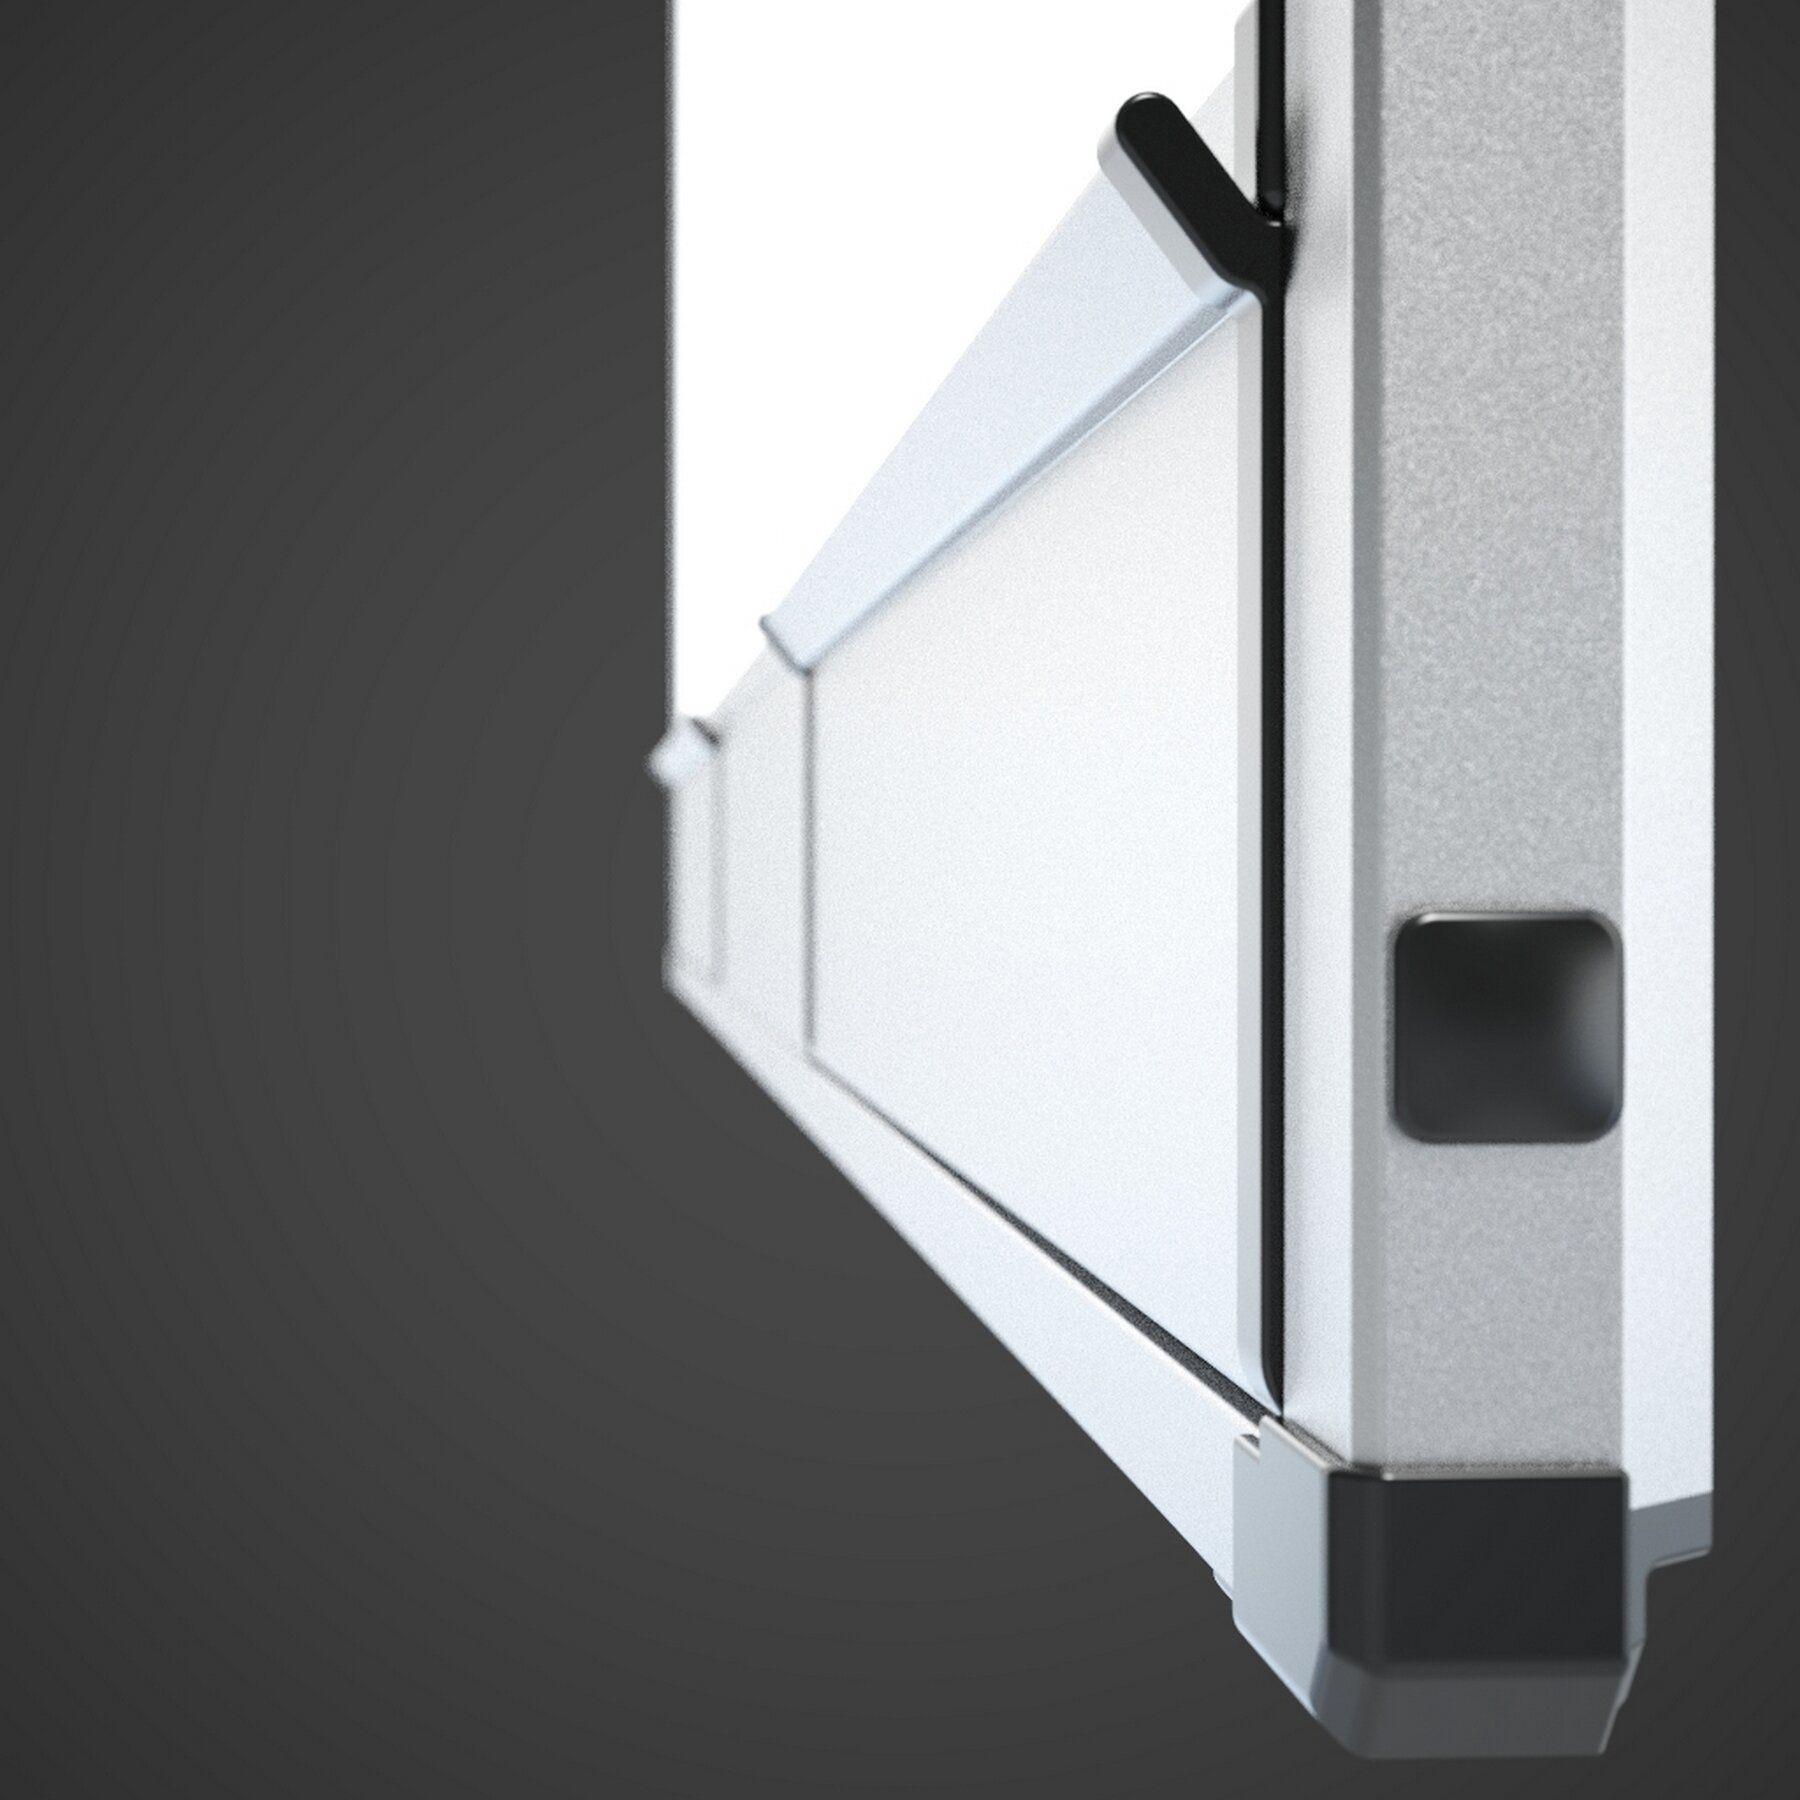 Доска белая магнитная сухостираемая StarBoard 60*90см., алюминиевая рамка, лак 2x3 - фото 8